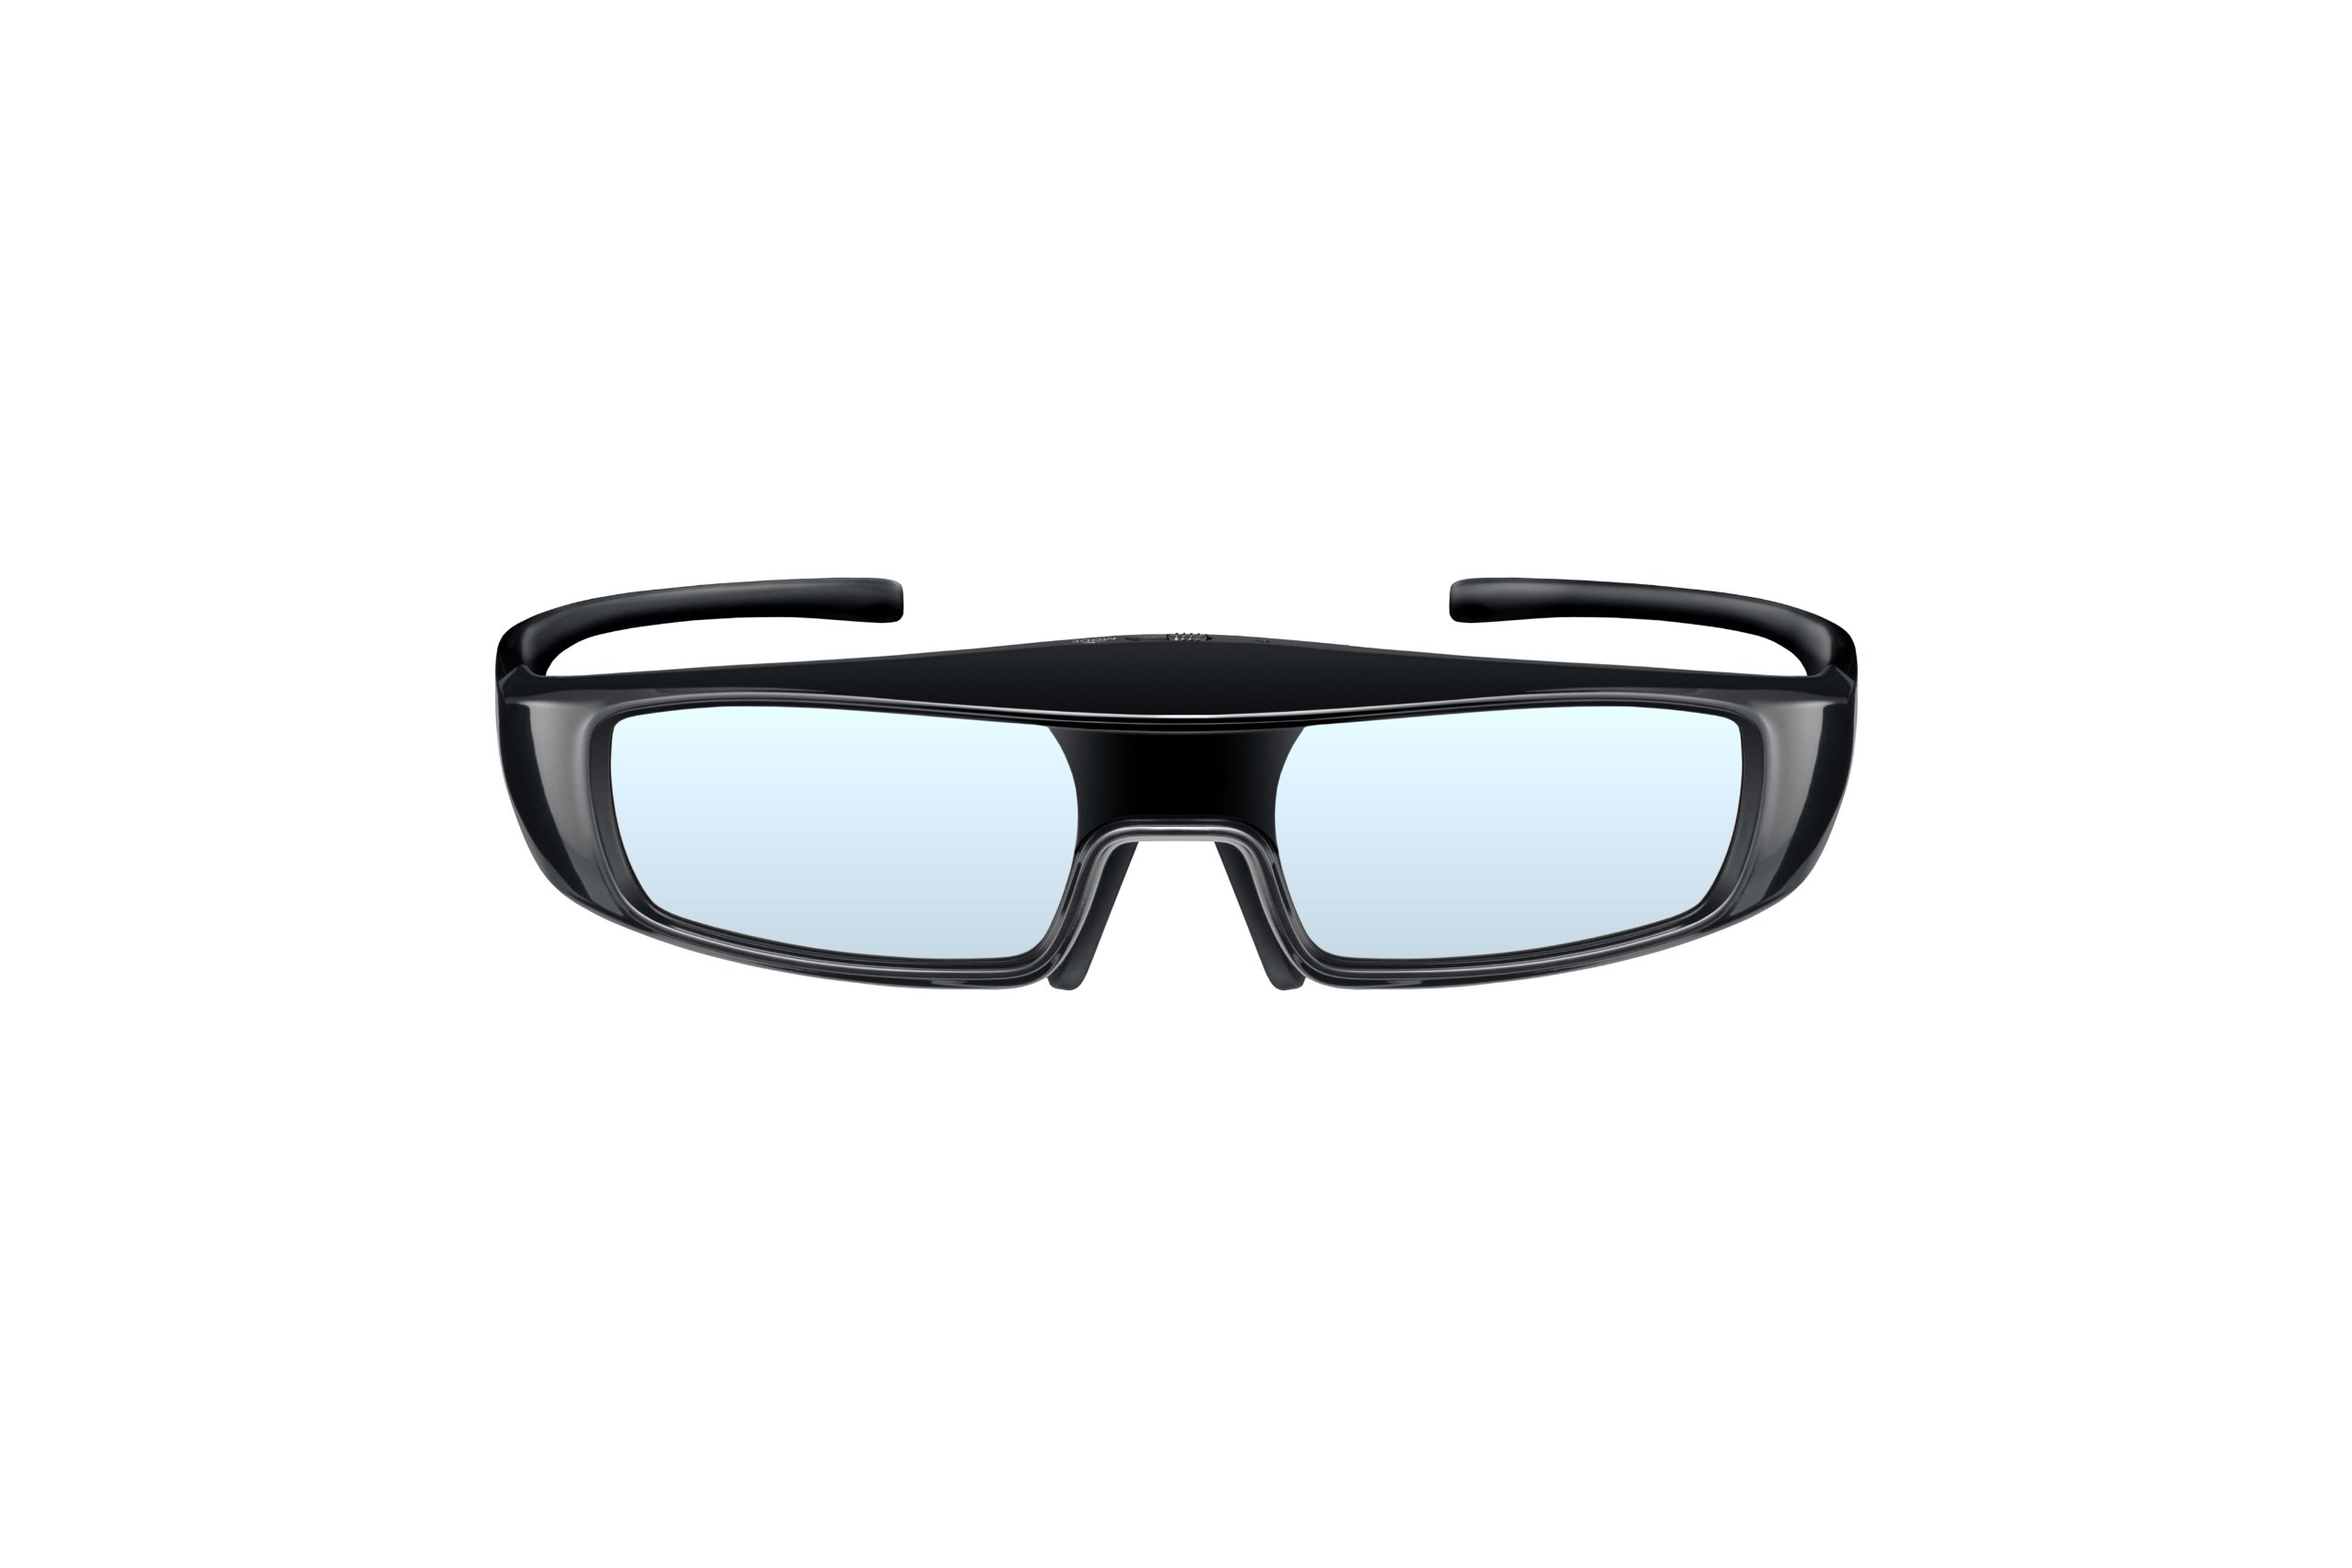 Panasonic VIERA TY-ER3D4MU Active Shutter 3D Eyewear (for 2012 and 2013 Panasonic VIERA 3D TVs) by Panasonic